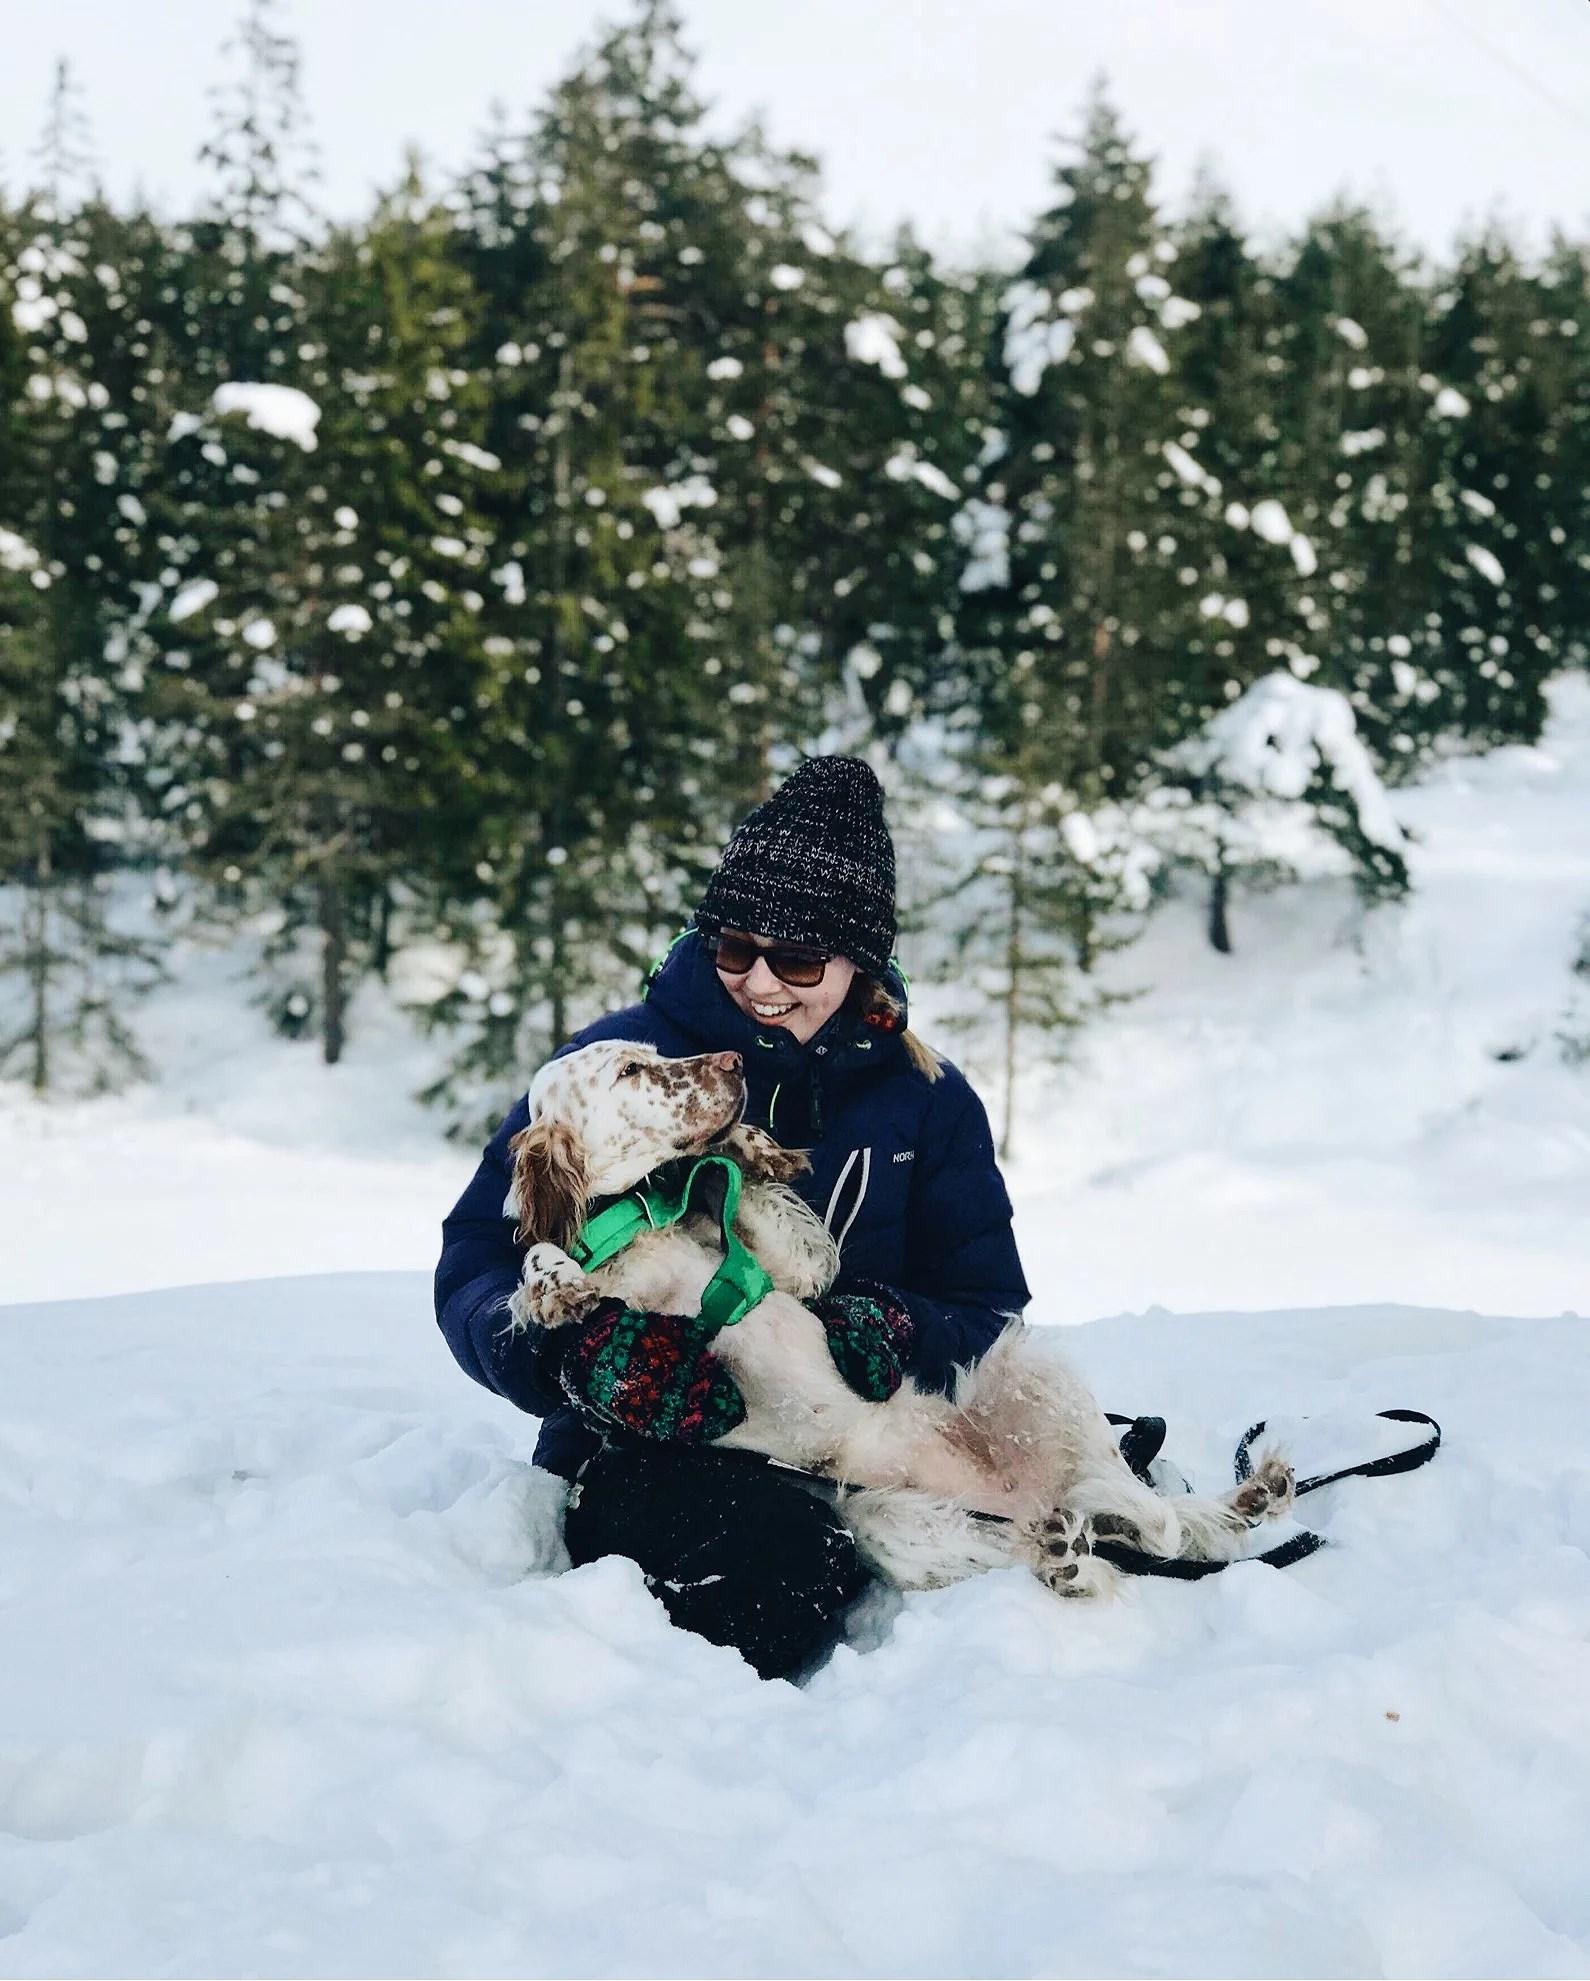 Vinter och snö